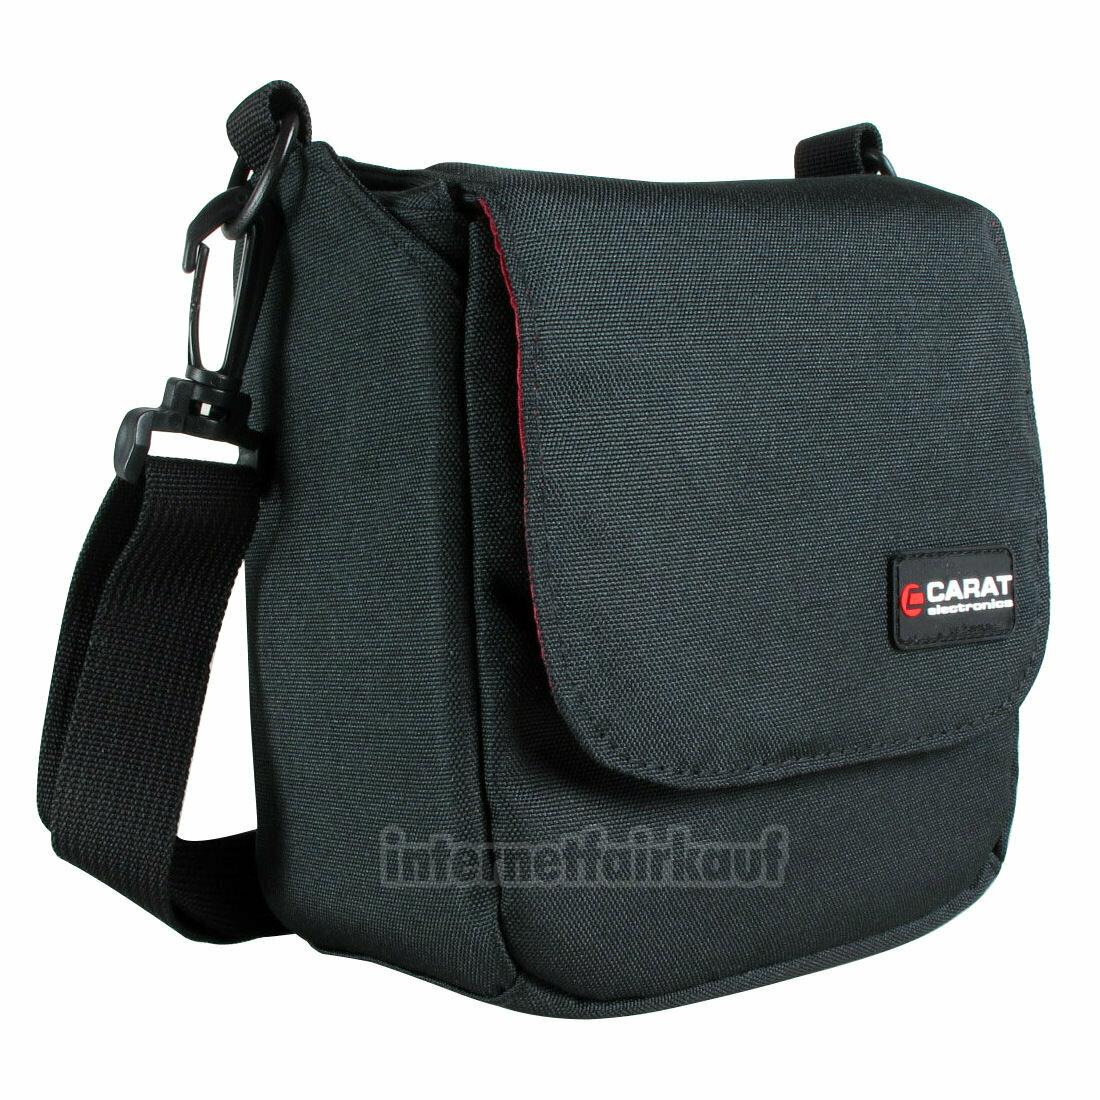 Fototasche passend für Nikon P610 - Schultertasche